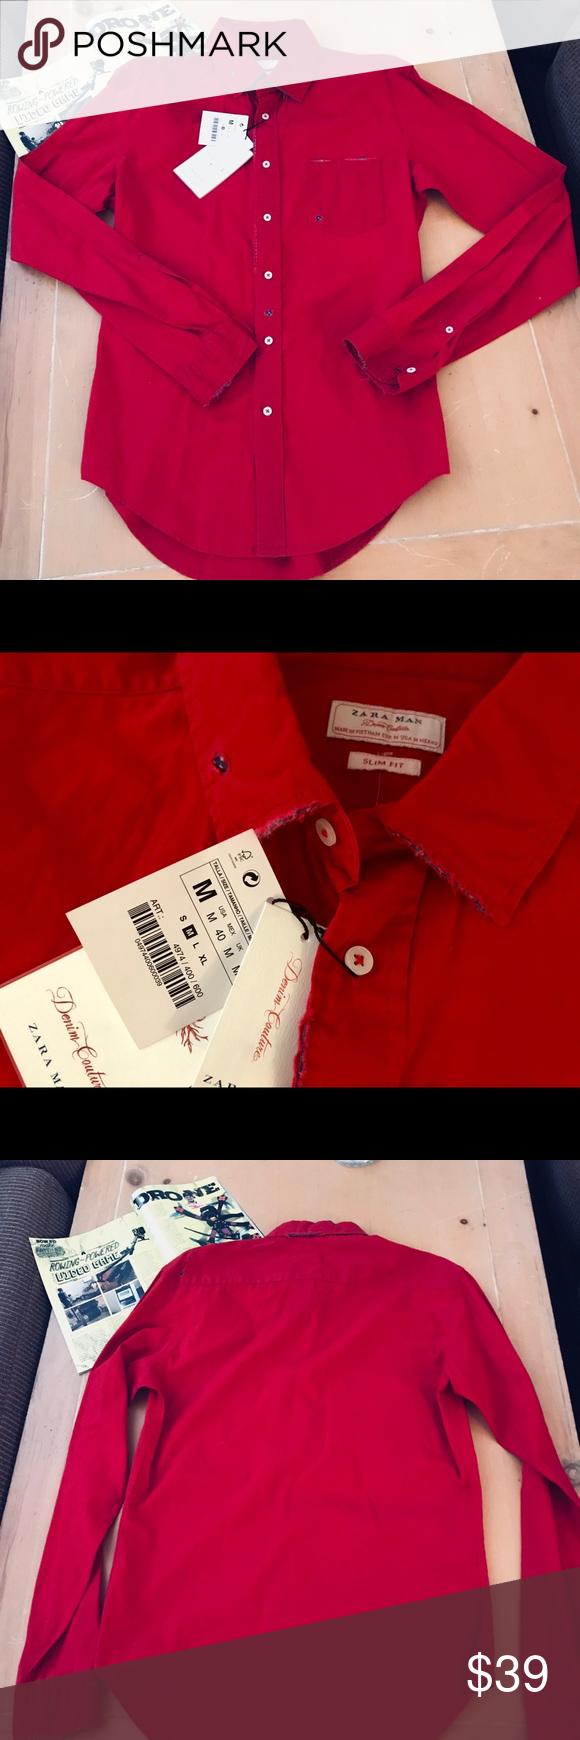 d5da2ccf5e5 🎲Zara Man Men s slim fit button up shirt (NWT)🎲 🎲ZARA Man Denim Couture Men s  slim fit Medium distressed style button up long sleeve shirt.